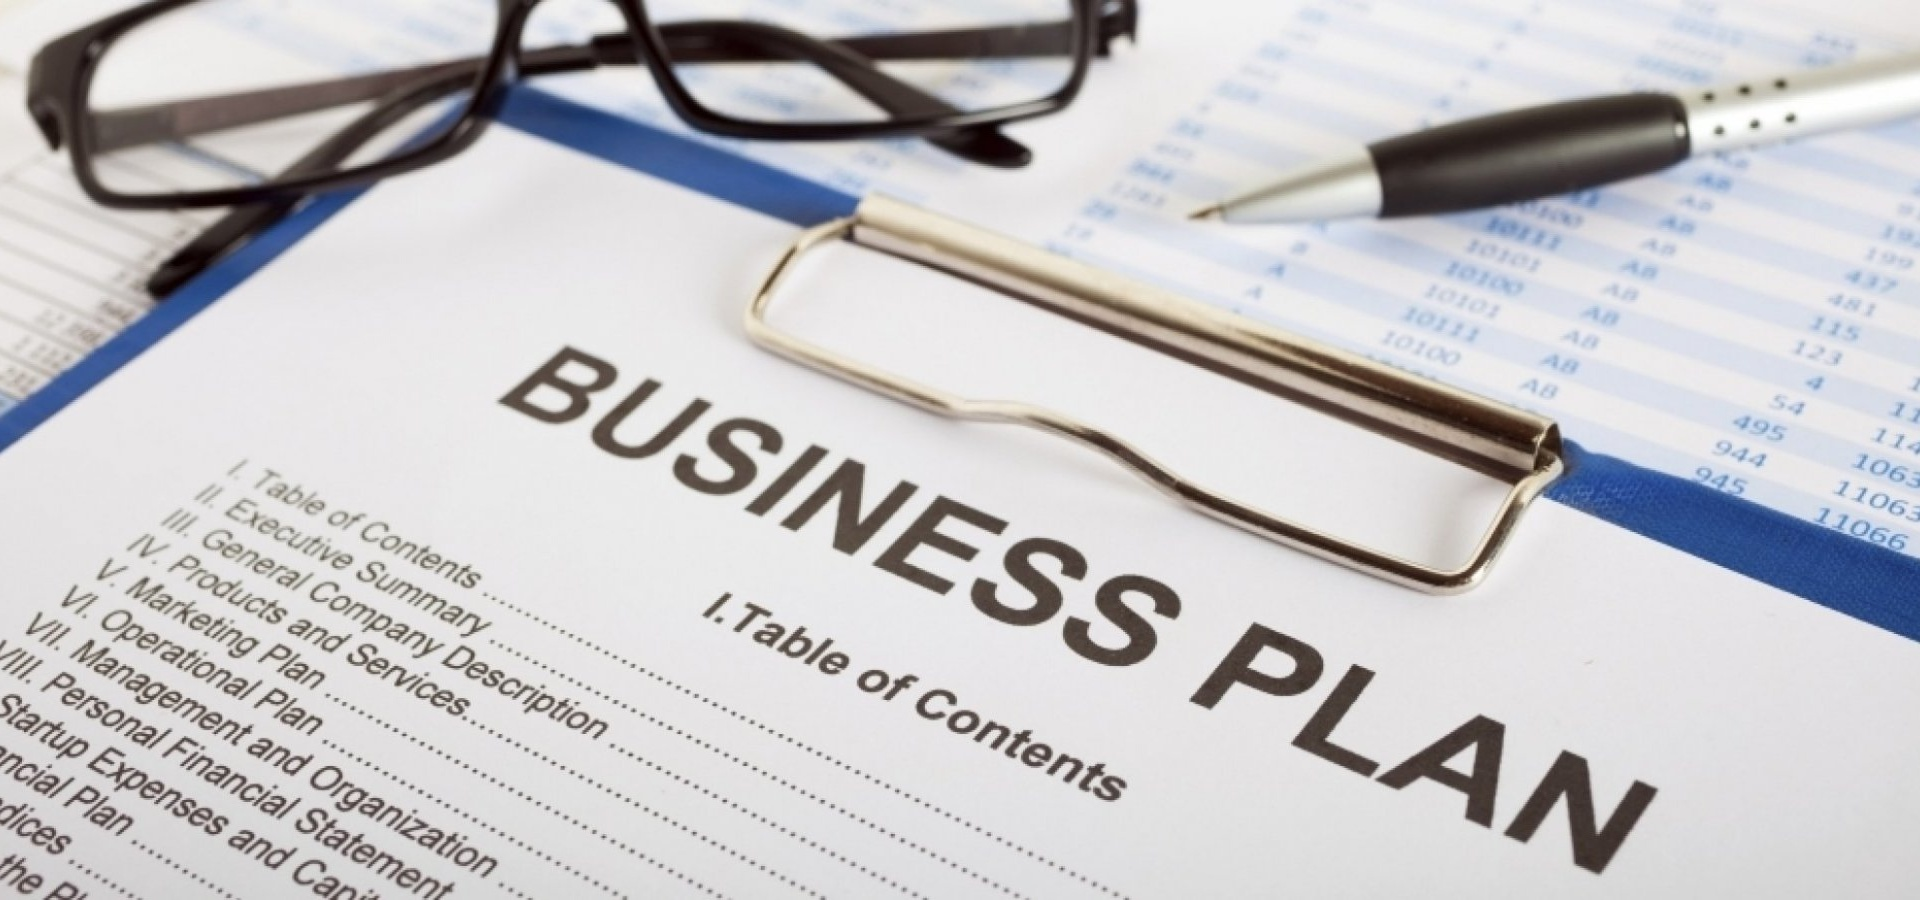 Оформление титульного листа бизнес-плана: что нужно о нем знать